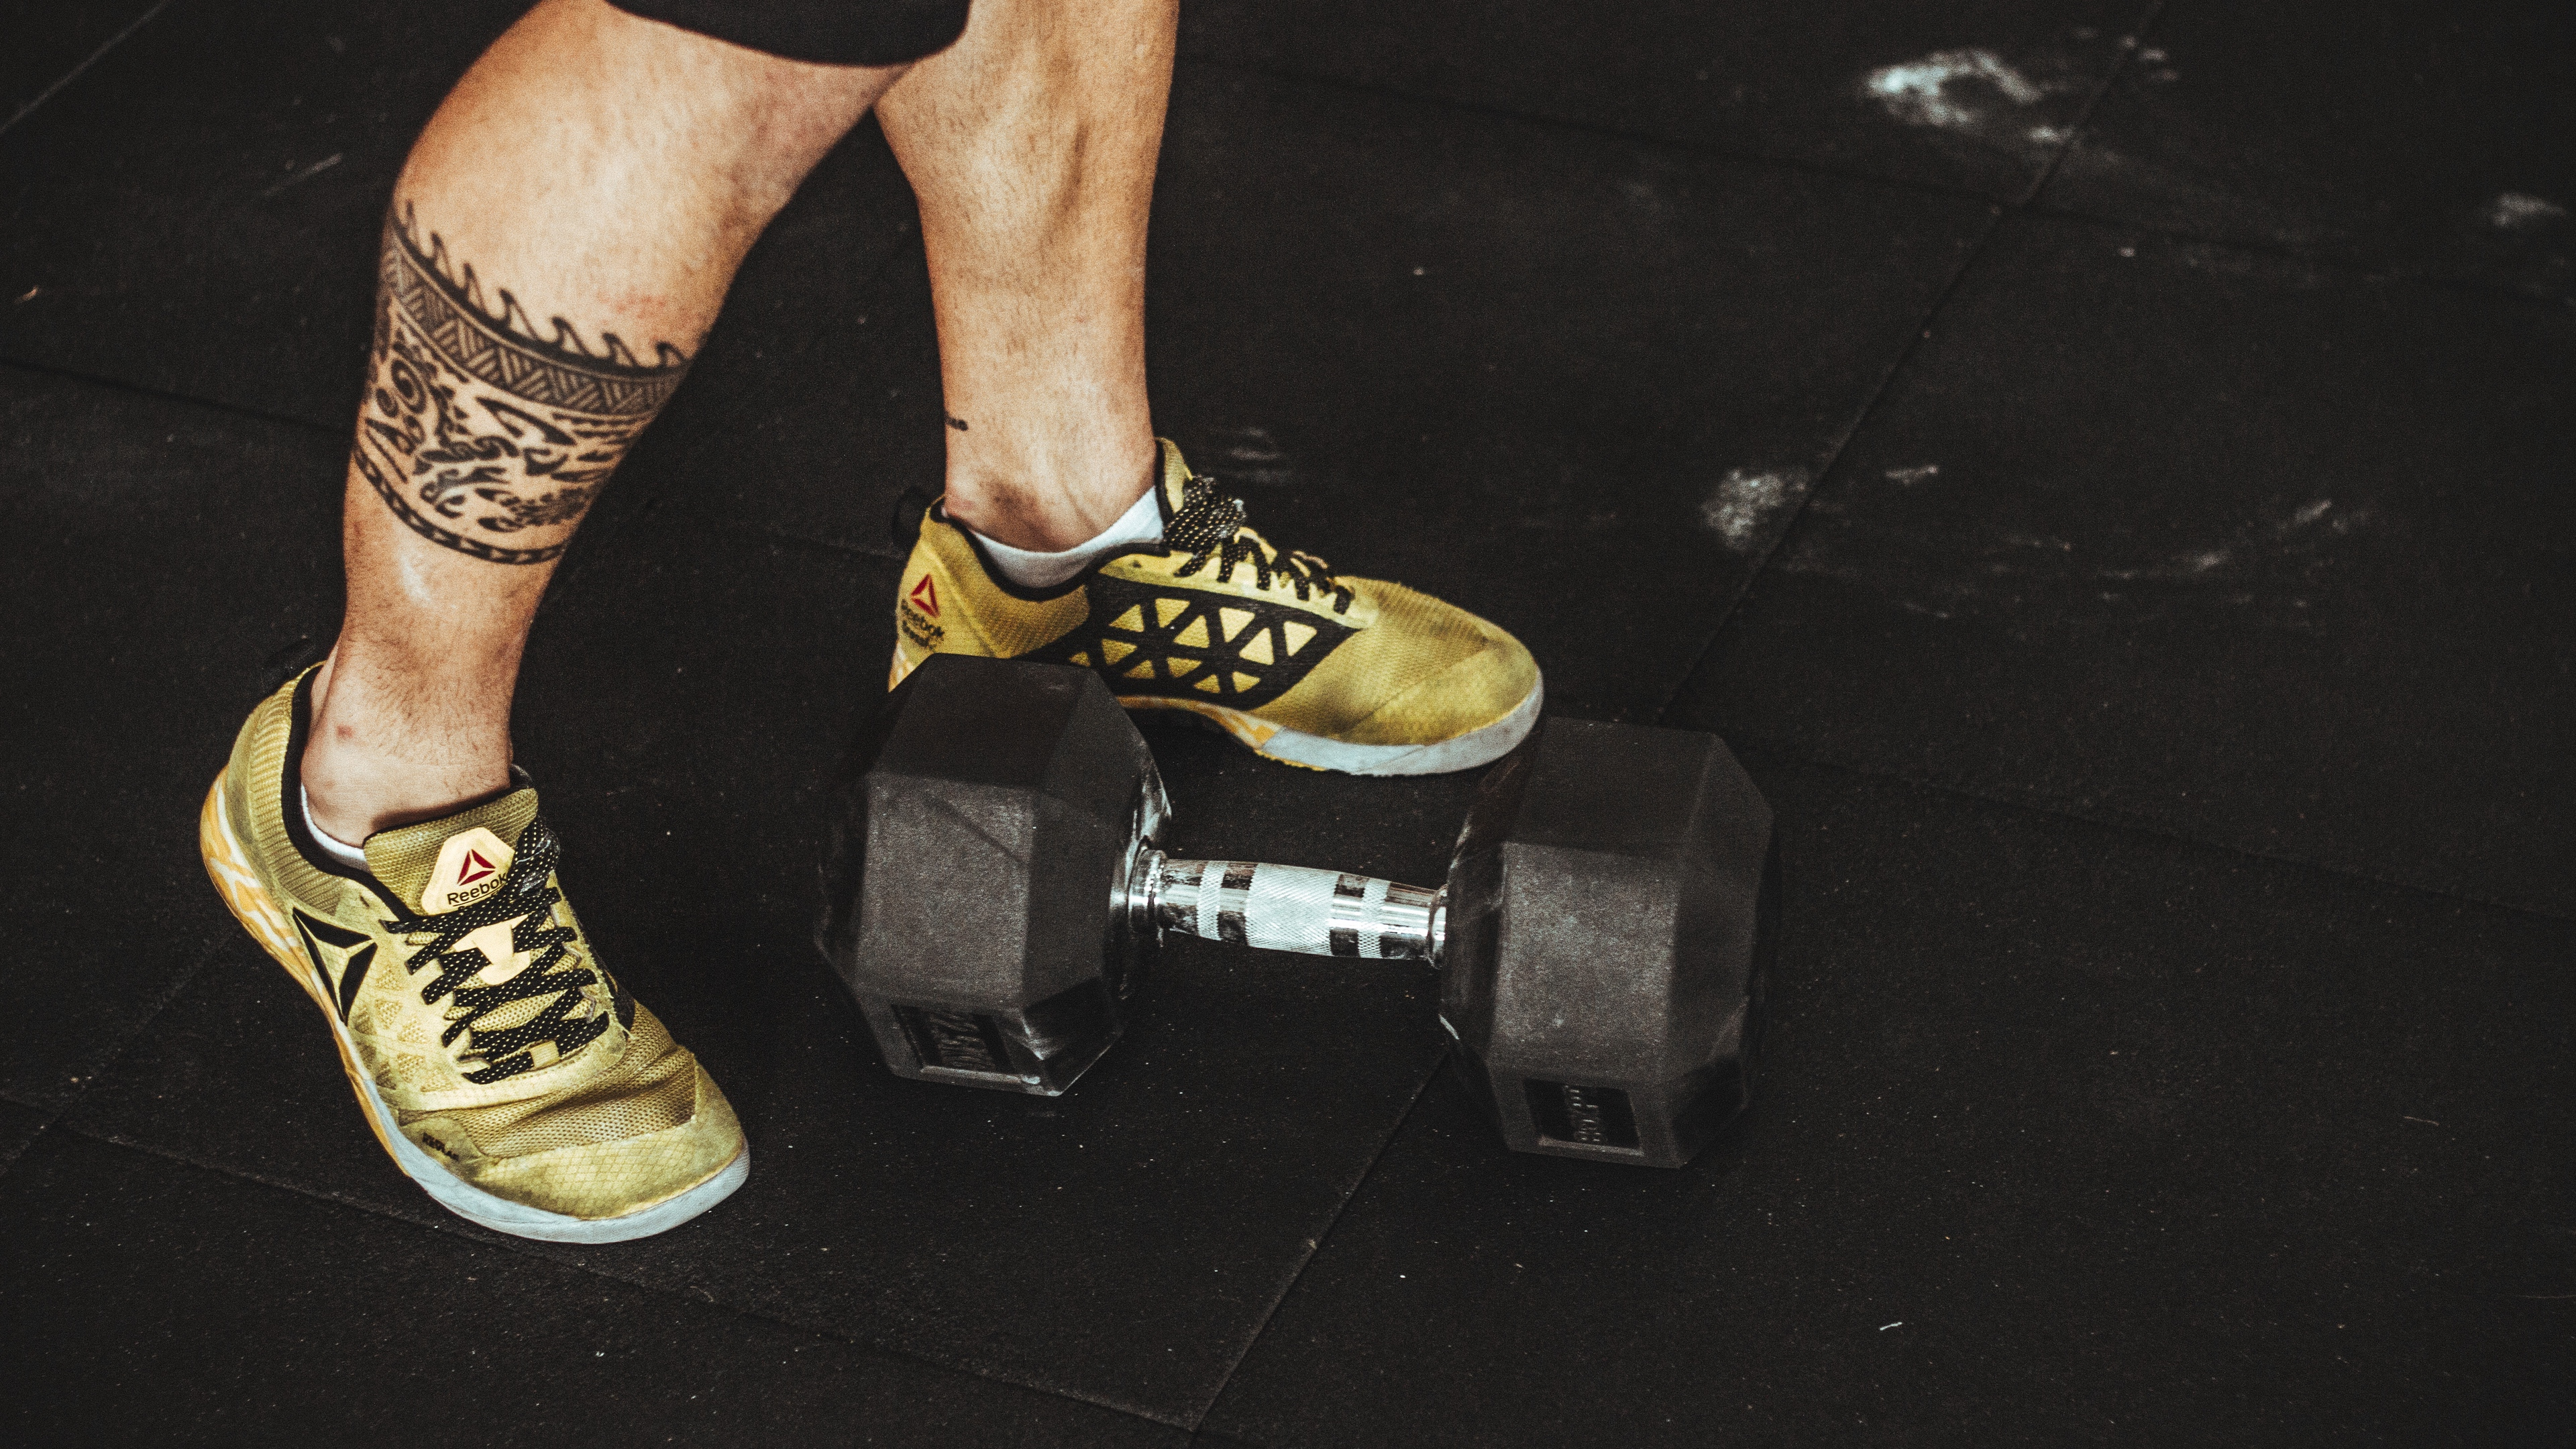 legs dumbbell sport bodybuilding 4k 1540060846 - legs, dumbbell, sport, bodybuilding 4k - Sport, legs, dumbbell